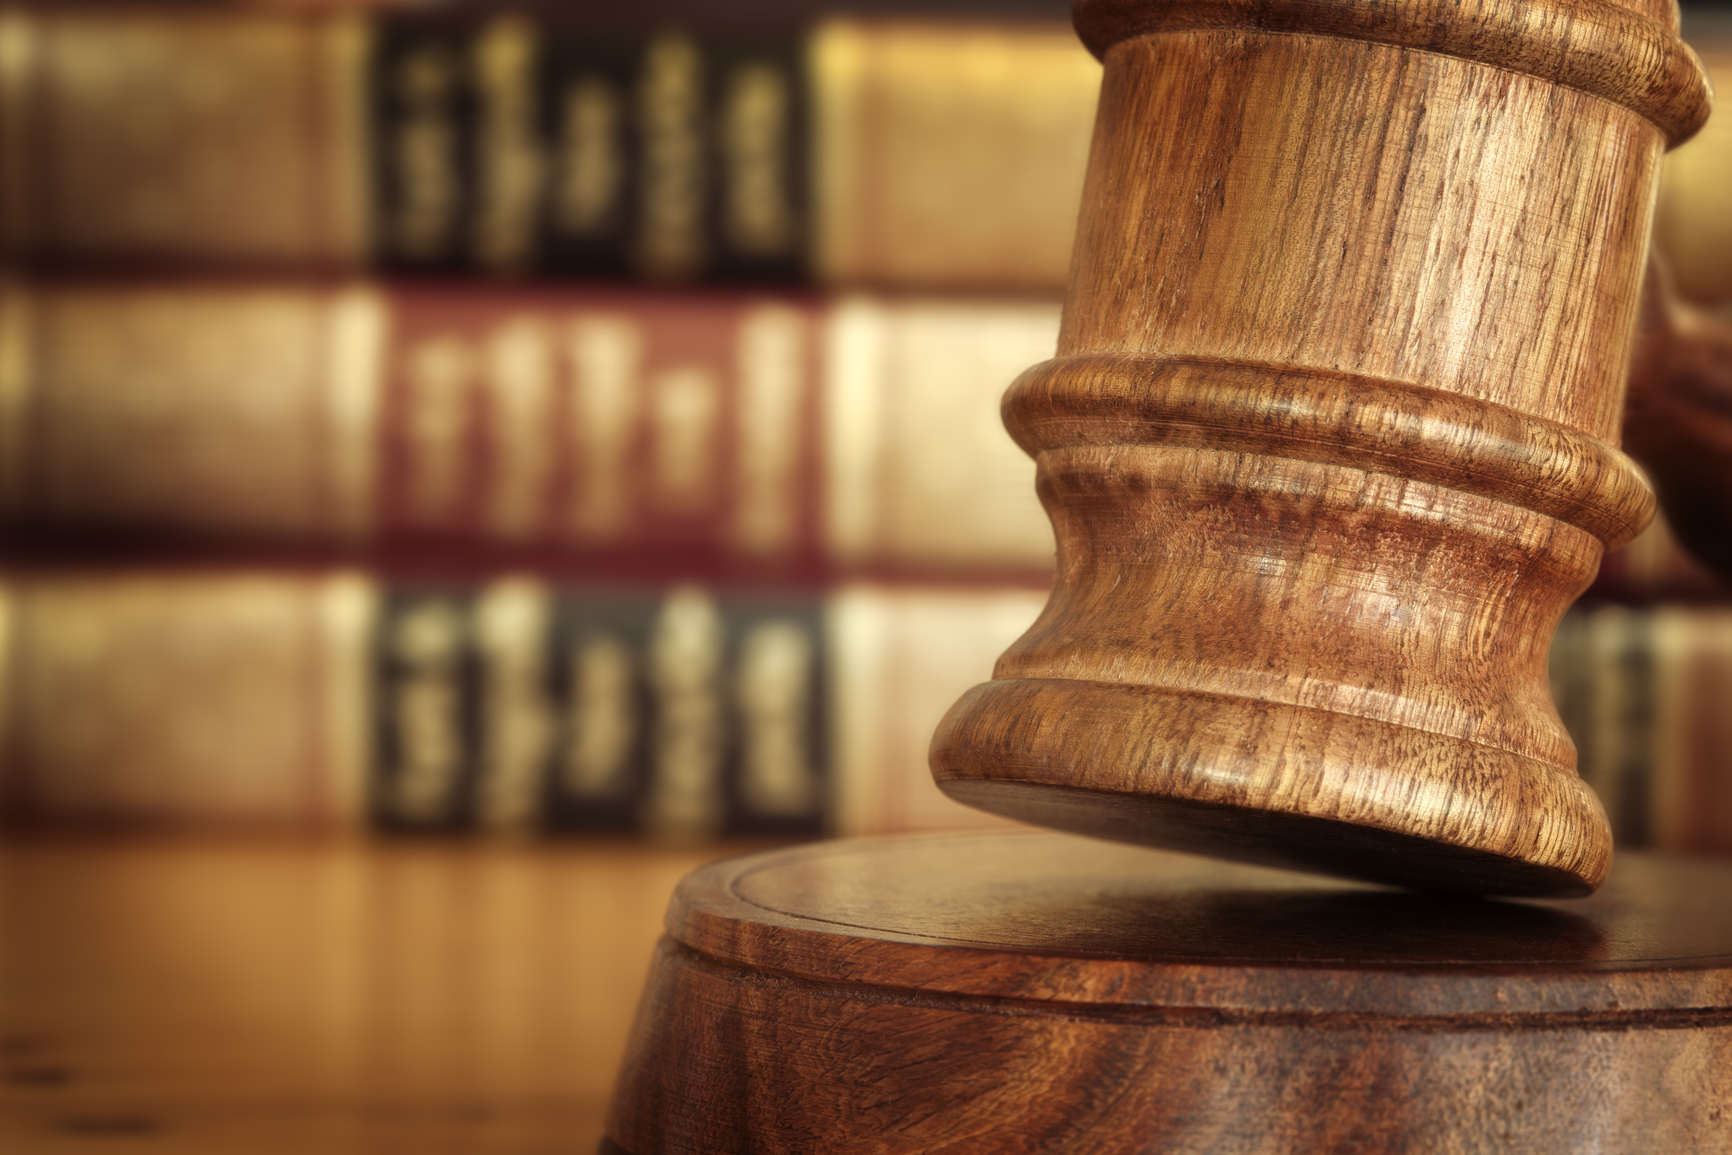 Quy định chi tiết thi hành luật thương mại về hoạt động mua bán hàng hóa quốc tế